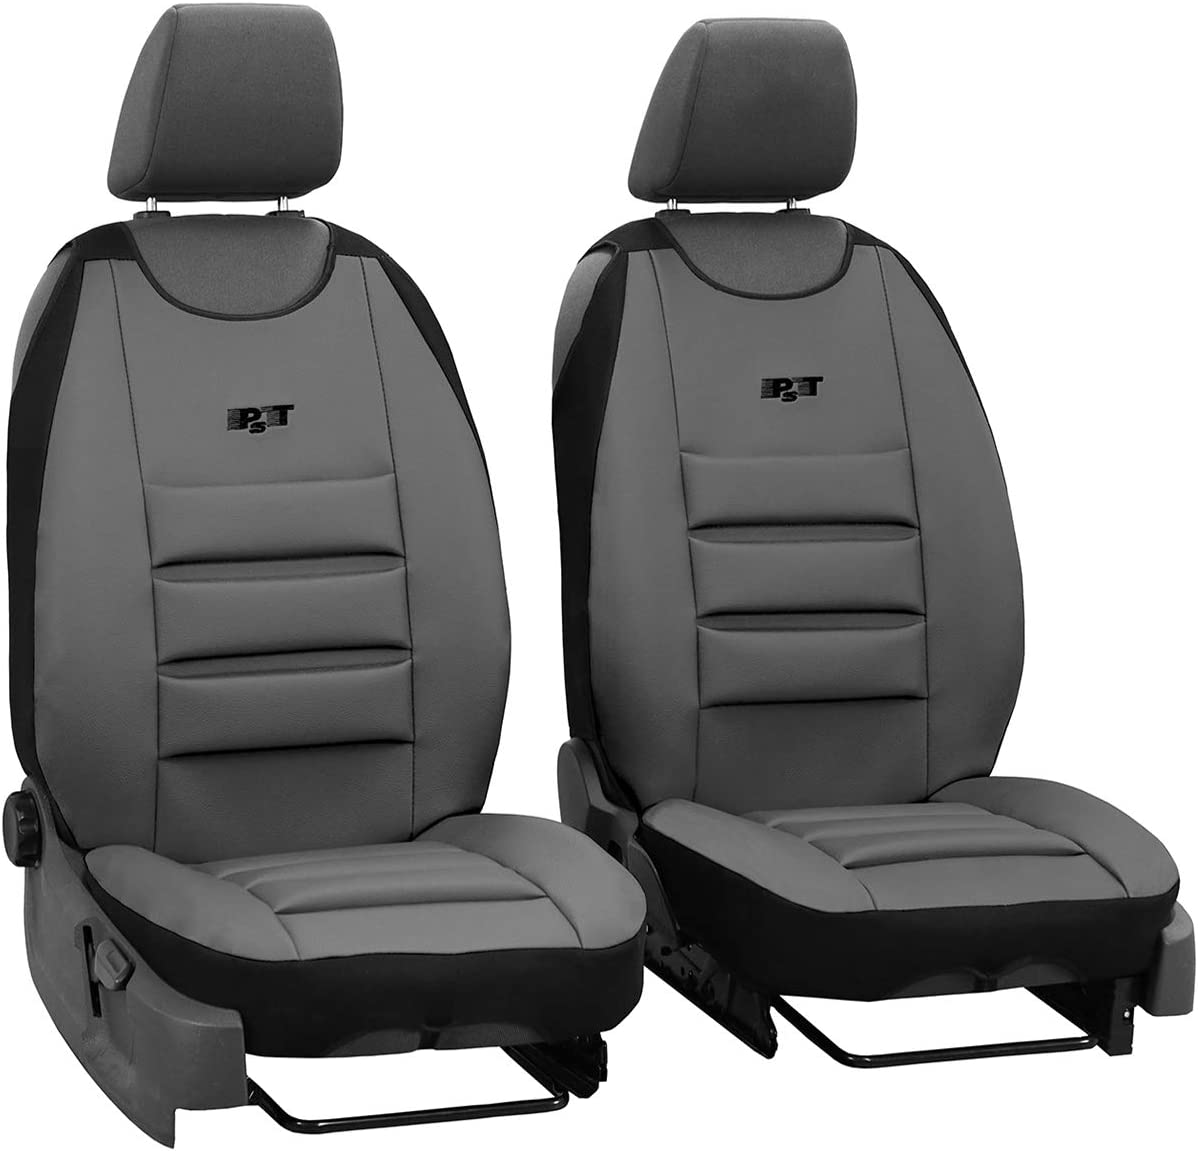 GSC Sitzbez/üge Universal Schonbez/üge 1+1 kompatibel mit Mercedes VITO W639